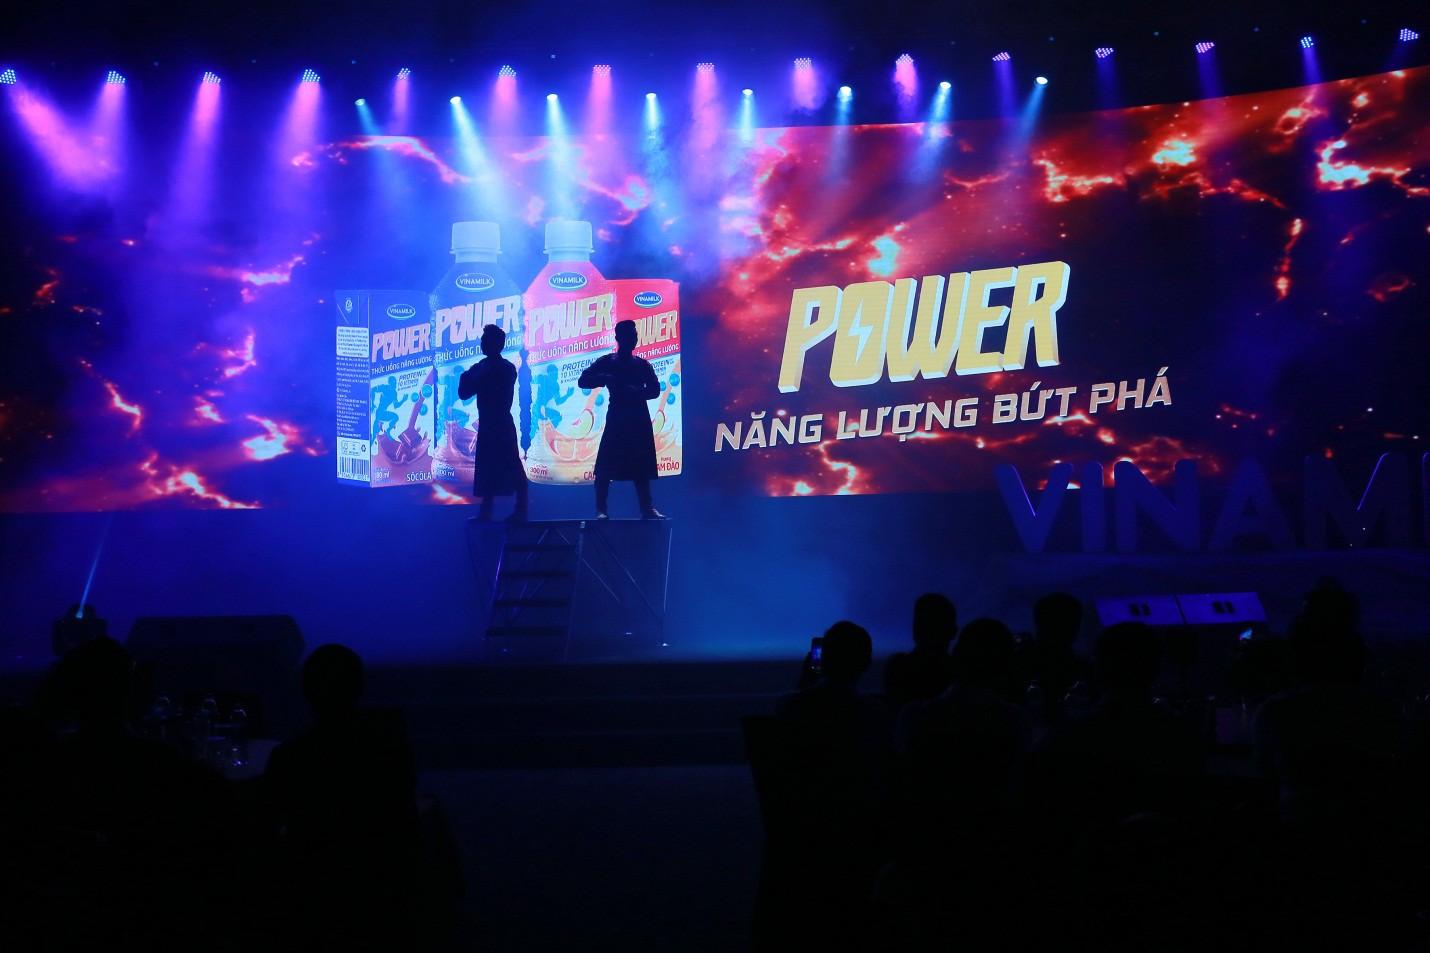 Mãn nhãn với màn trình diễn đầy năng lượng của Quốc Cơ - Quốc Nghiệp - Ảnh 2.